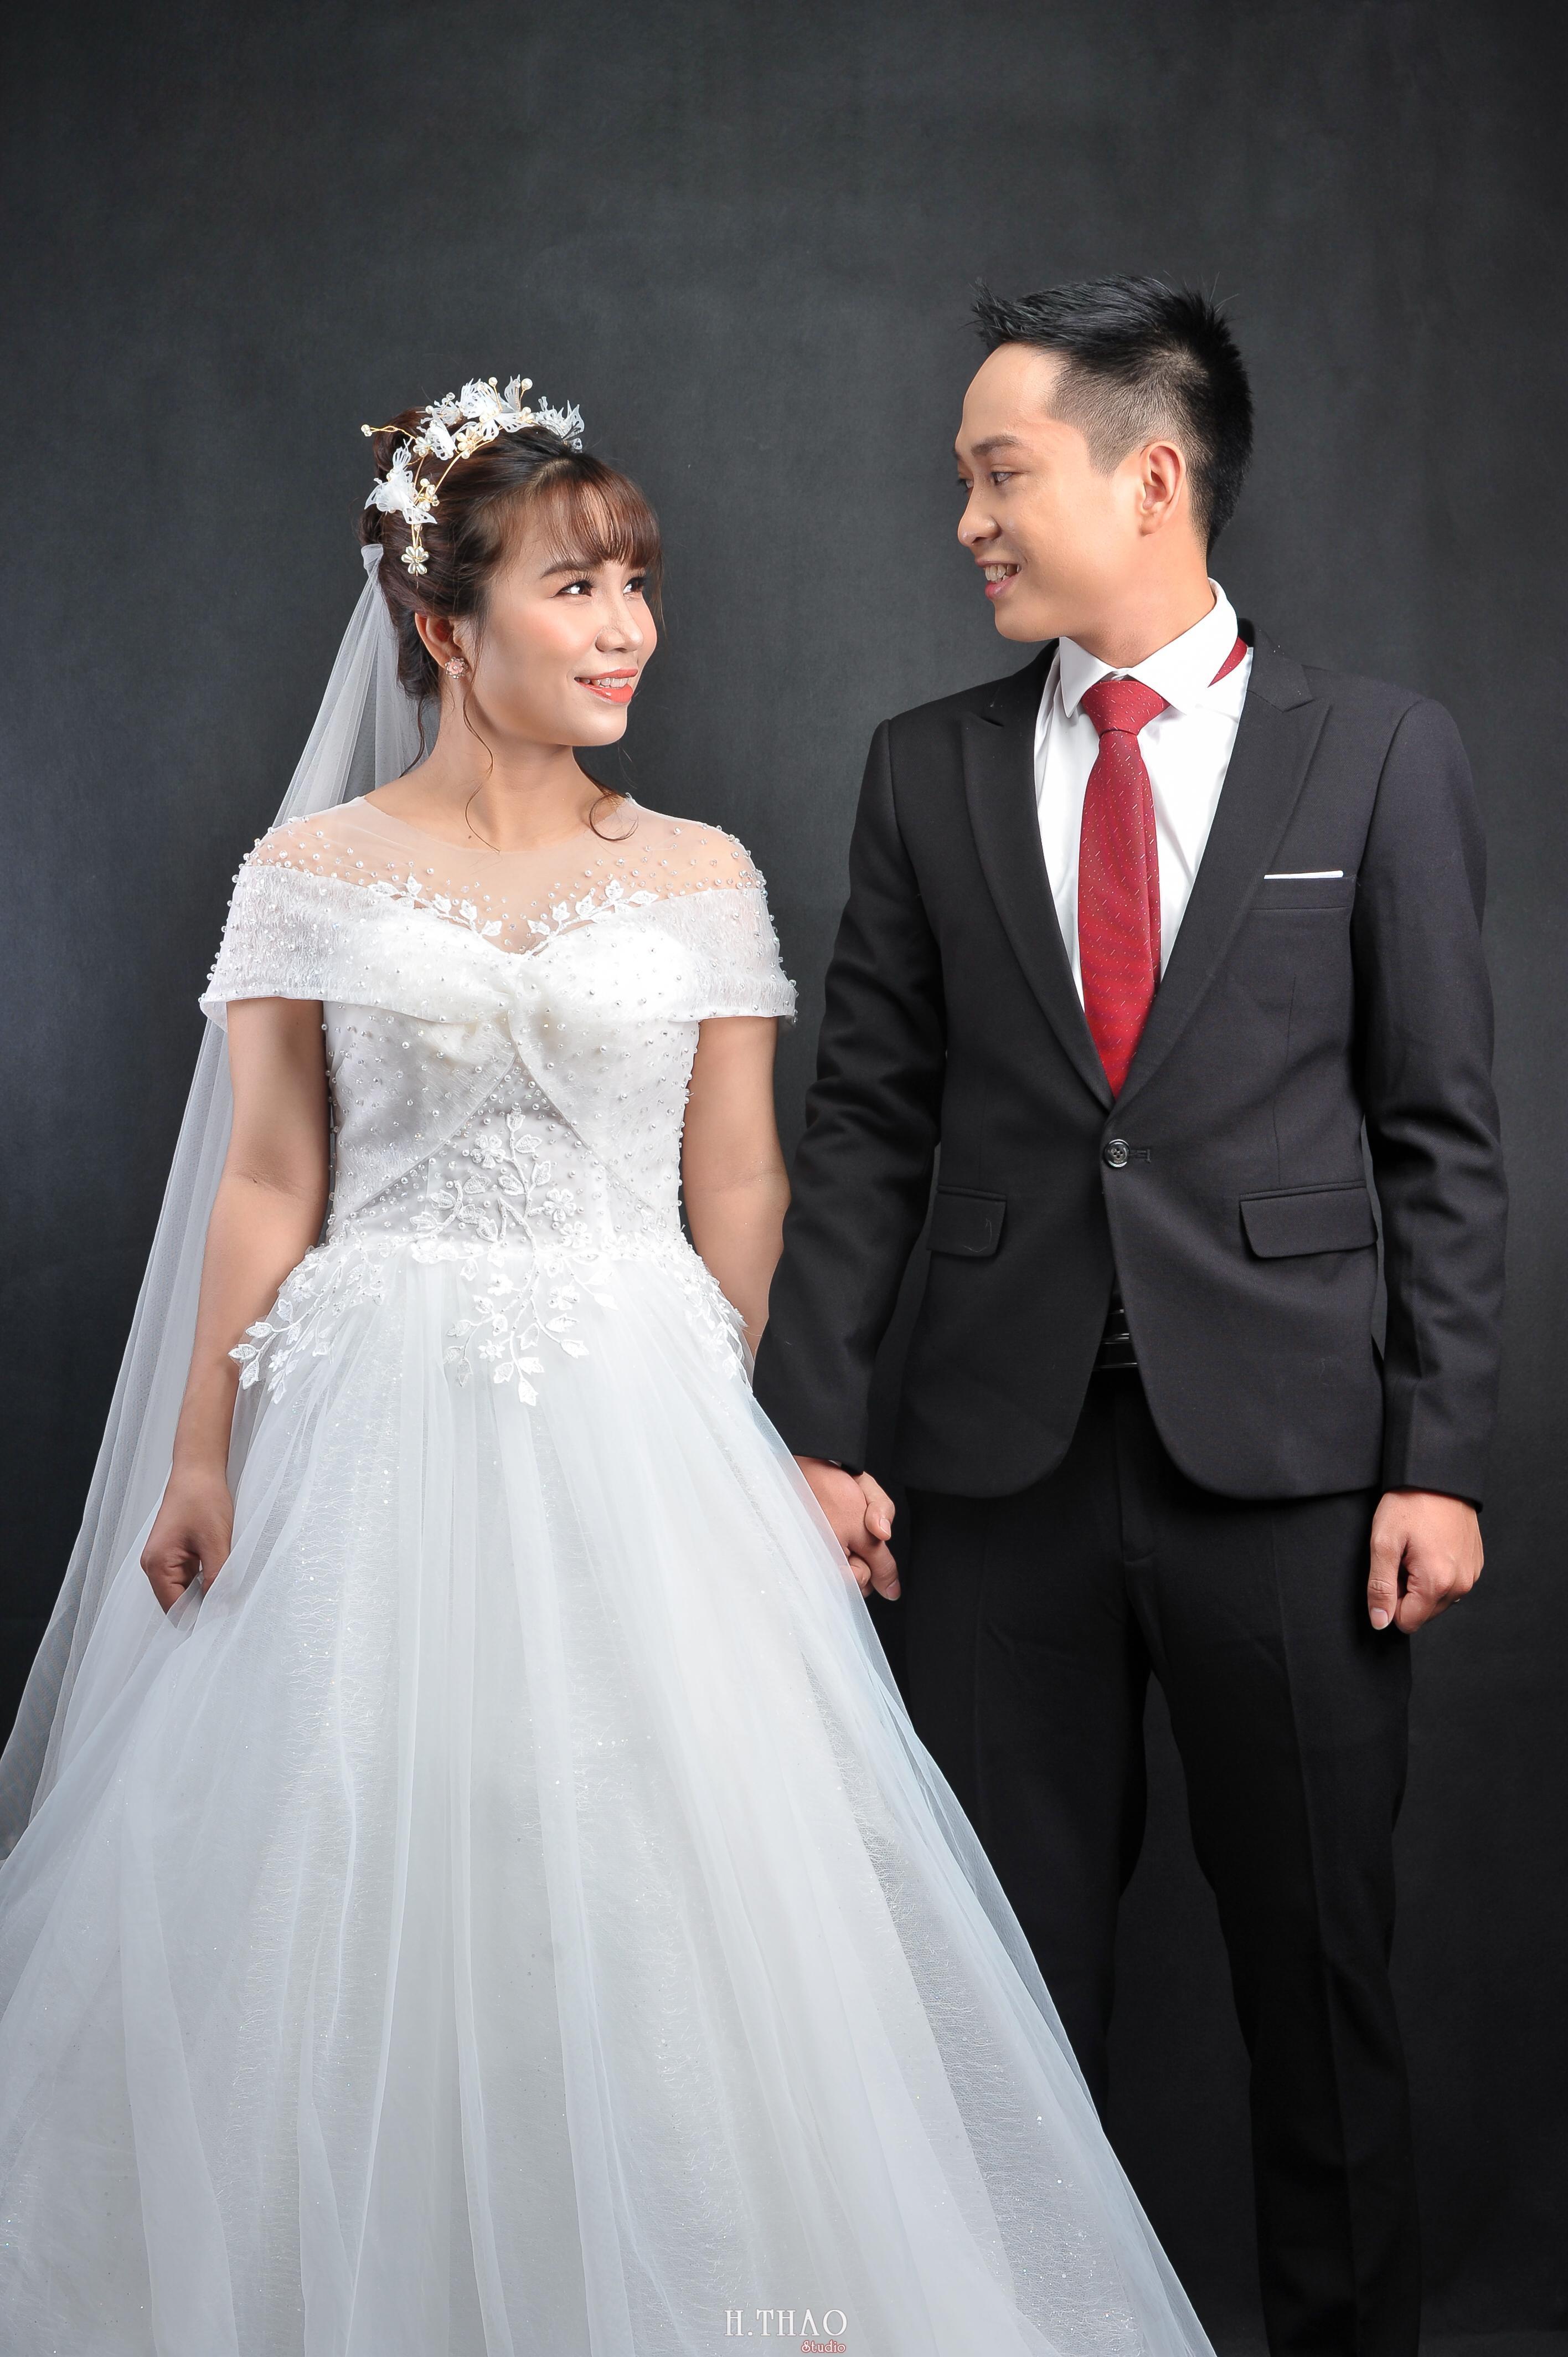 Anh cuoi style Han quoc 1 min - Chụp ảnh cưới đơn giản mà đẹp tại studio – HThao Studio Tp.HCM